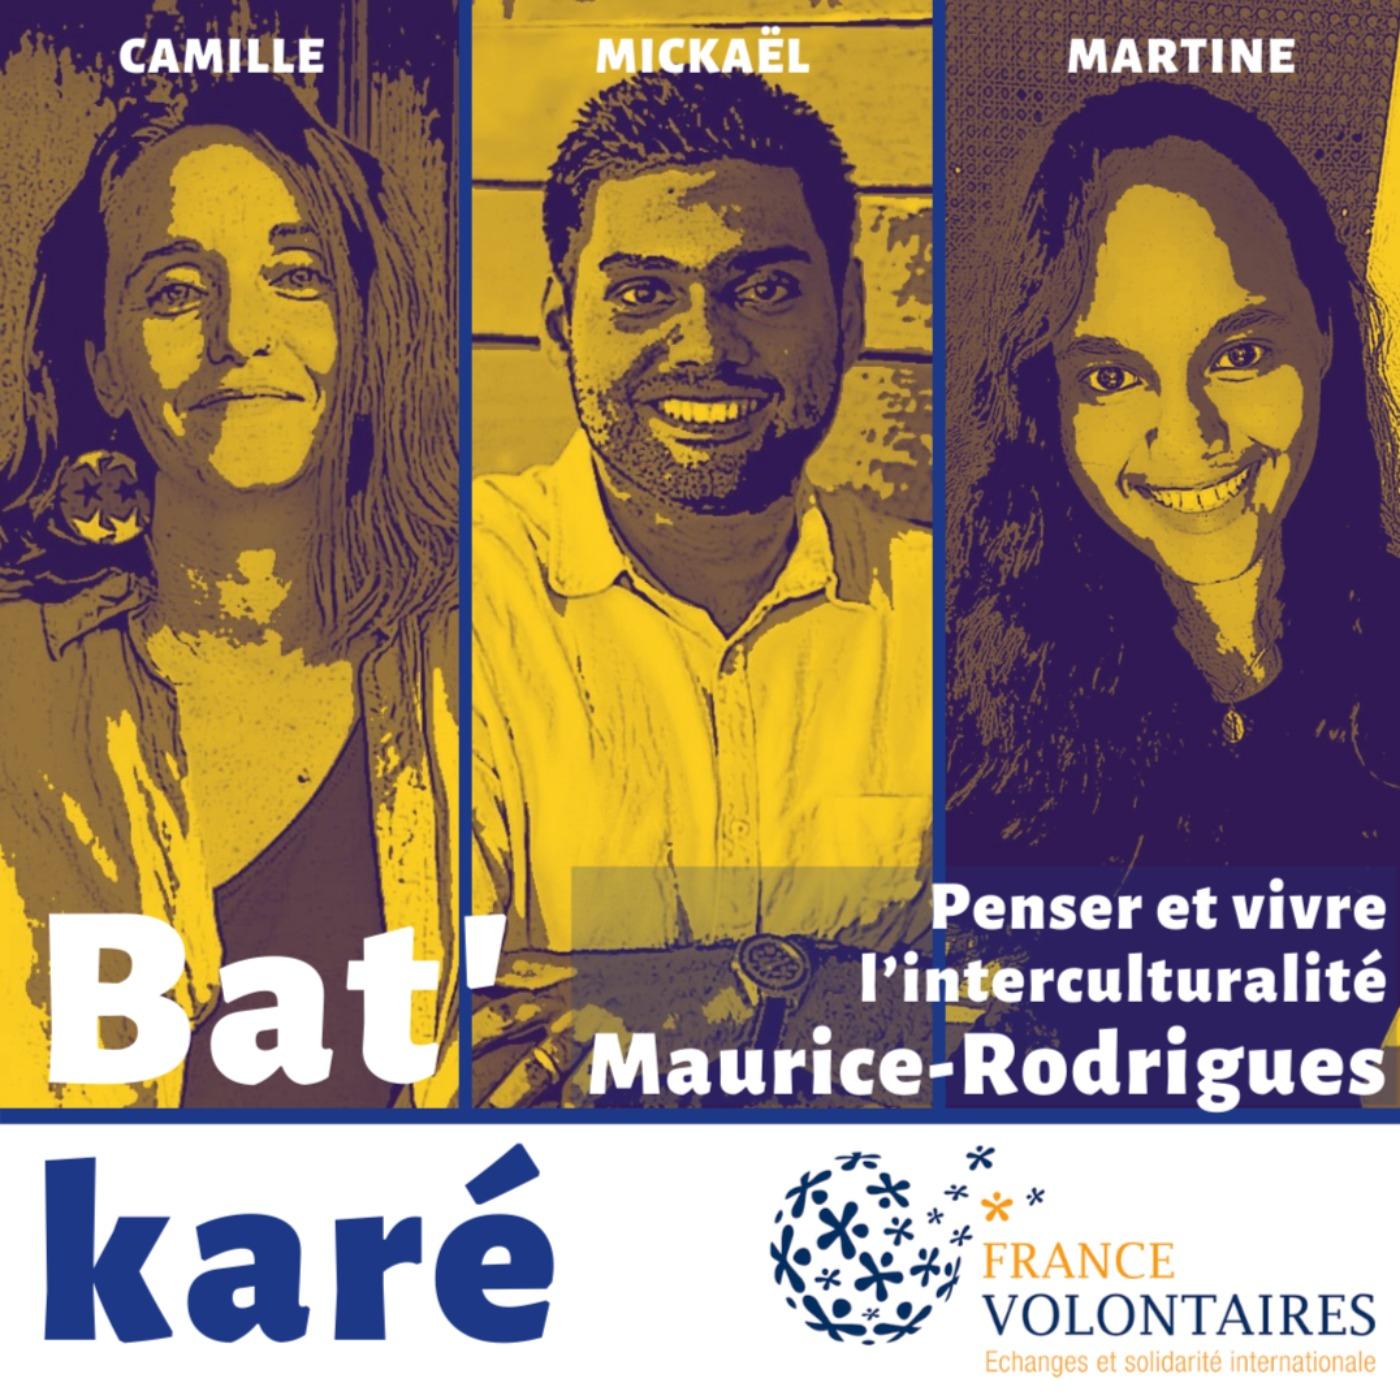 Spécial volontariat #5 – Maurice & Rodrigues : Penser et vivre l'inter-culturalité